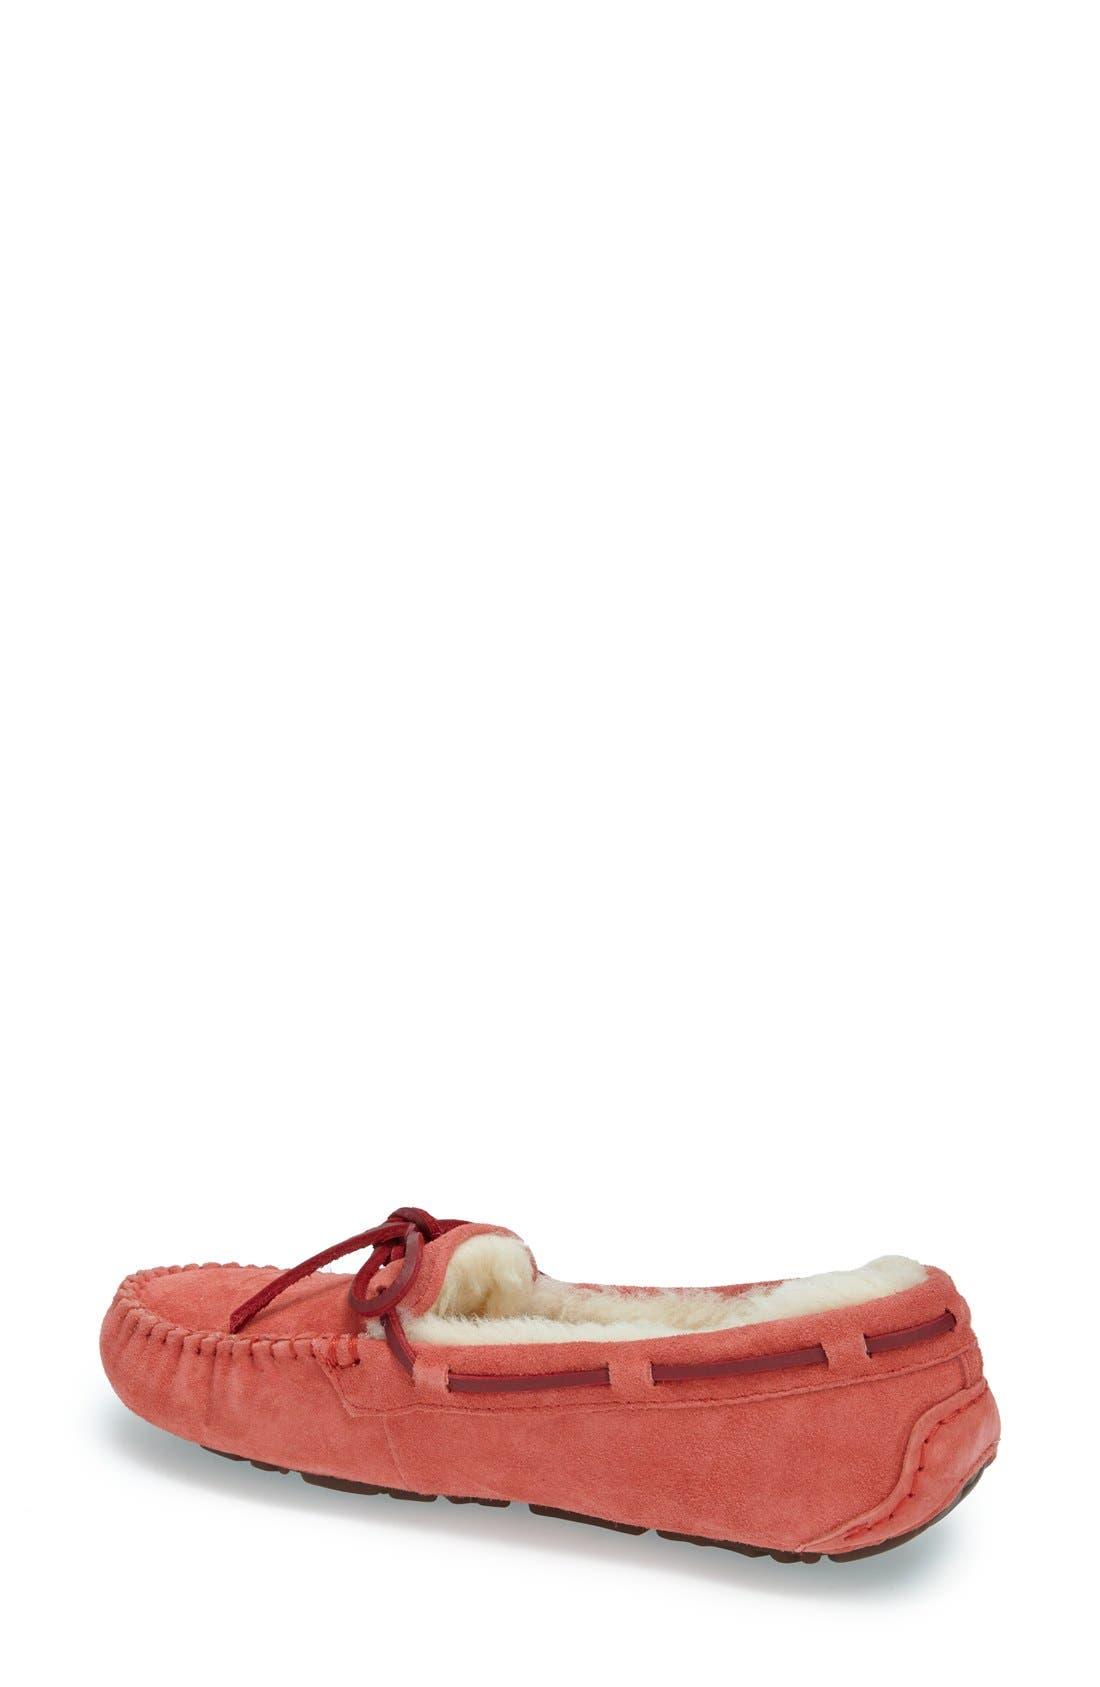 Dakota Slipper,                             Alternate thumbnail 101, color,